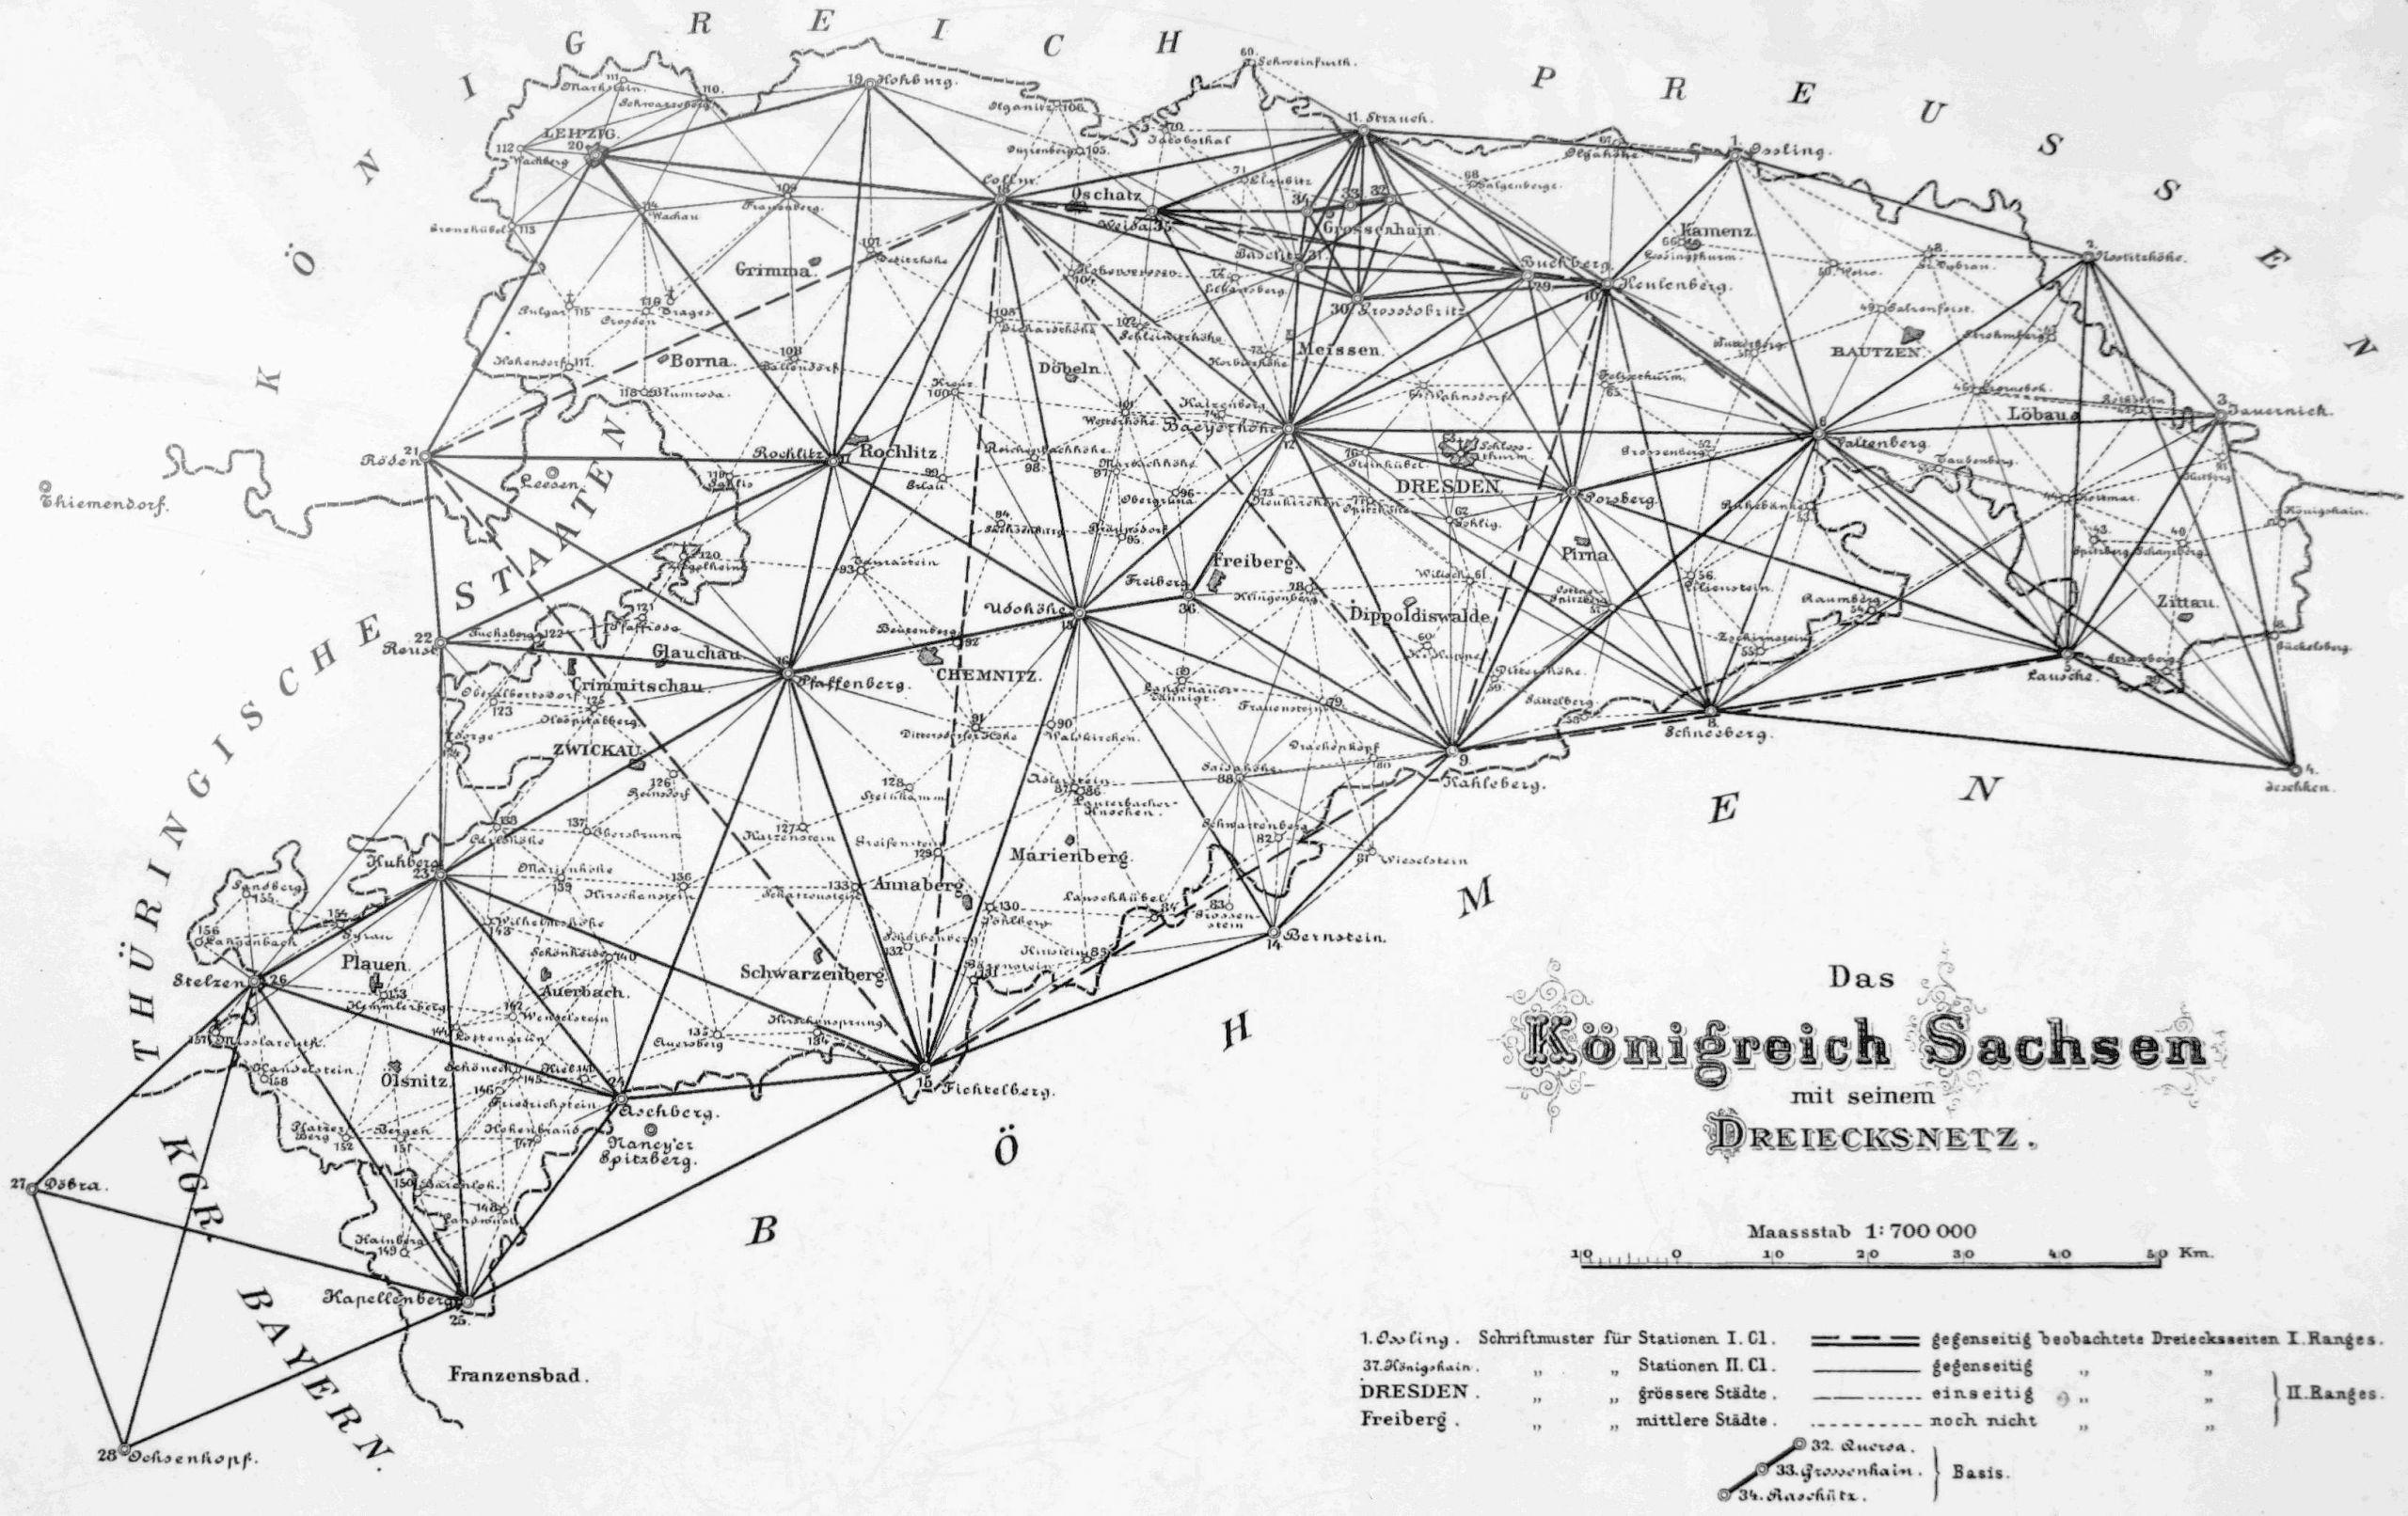 Dreiecksnetz sachsen